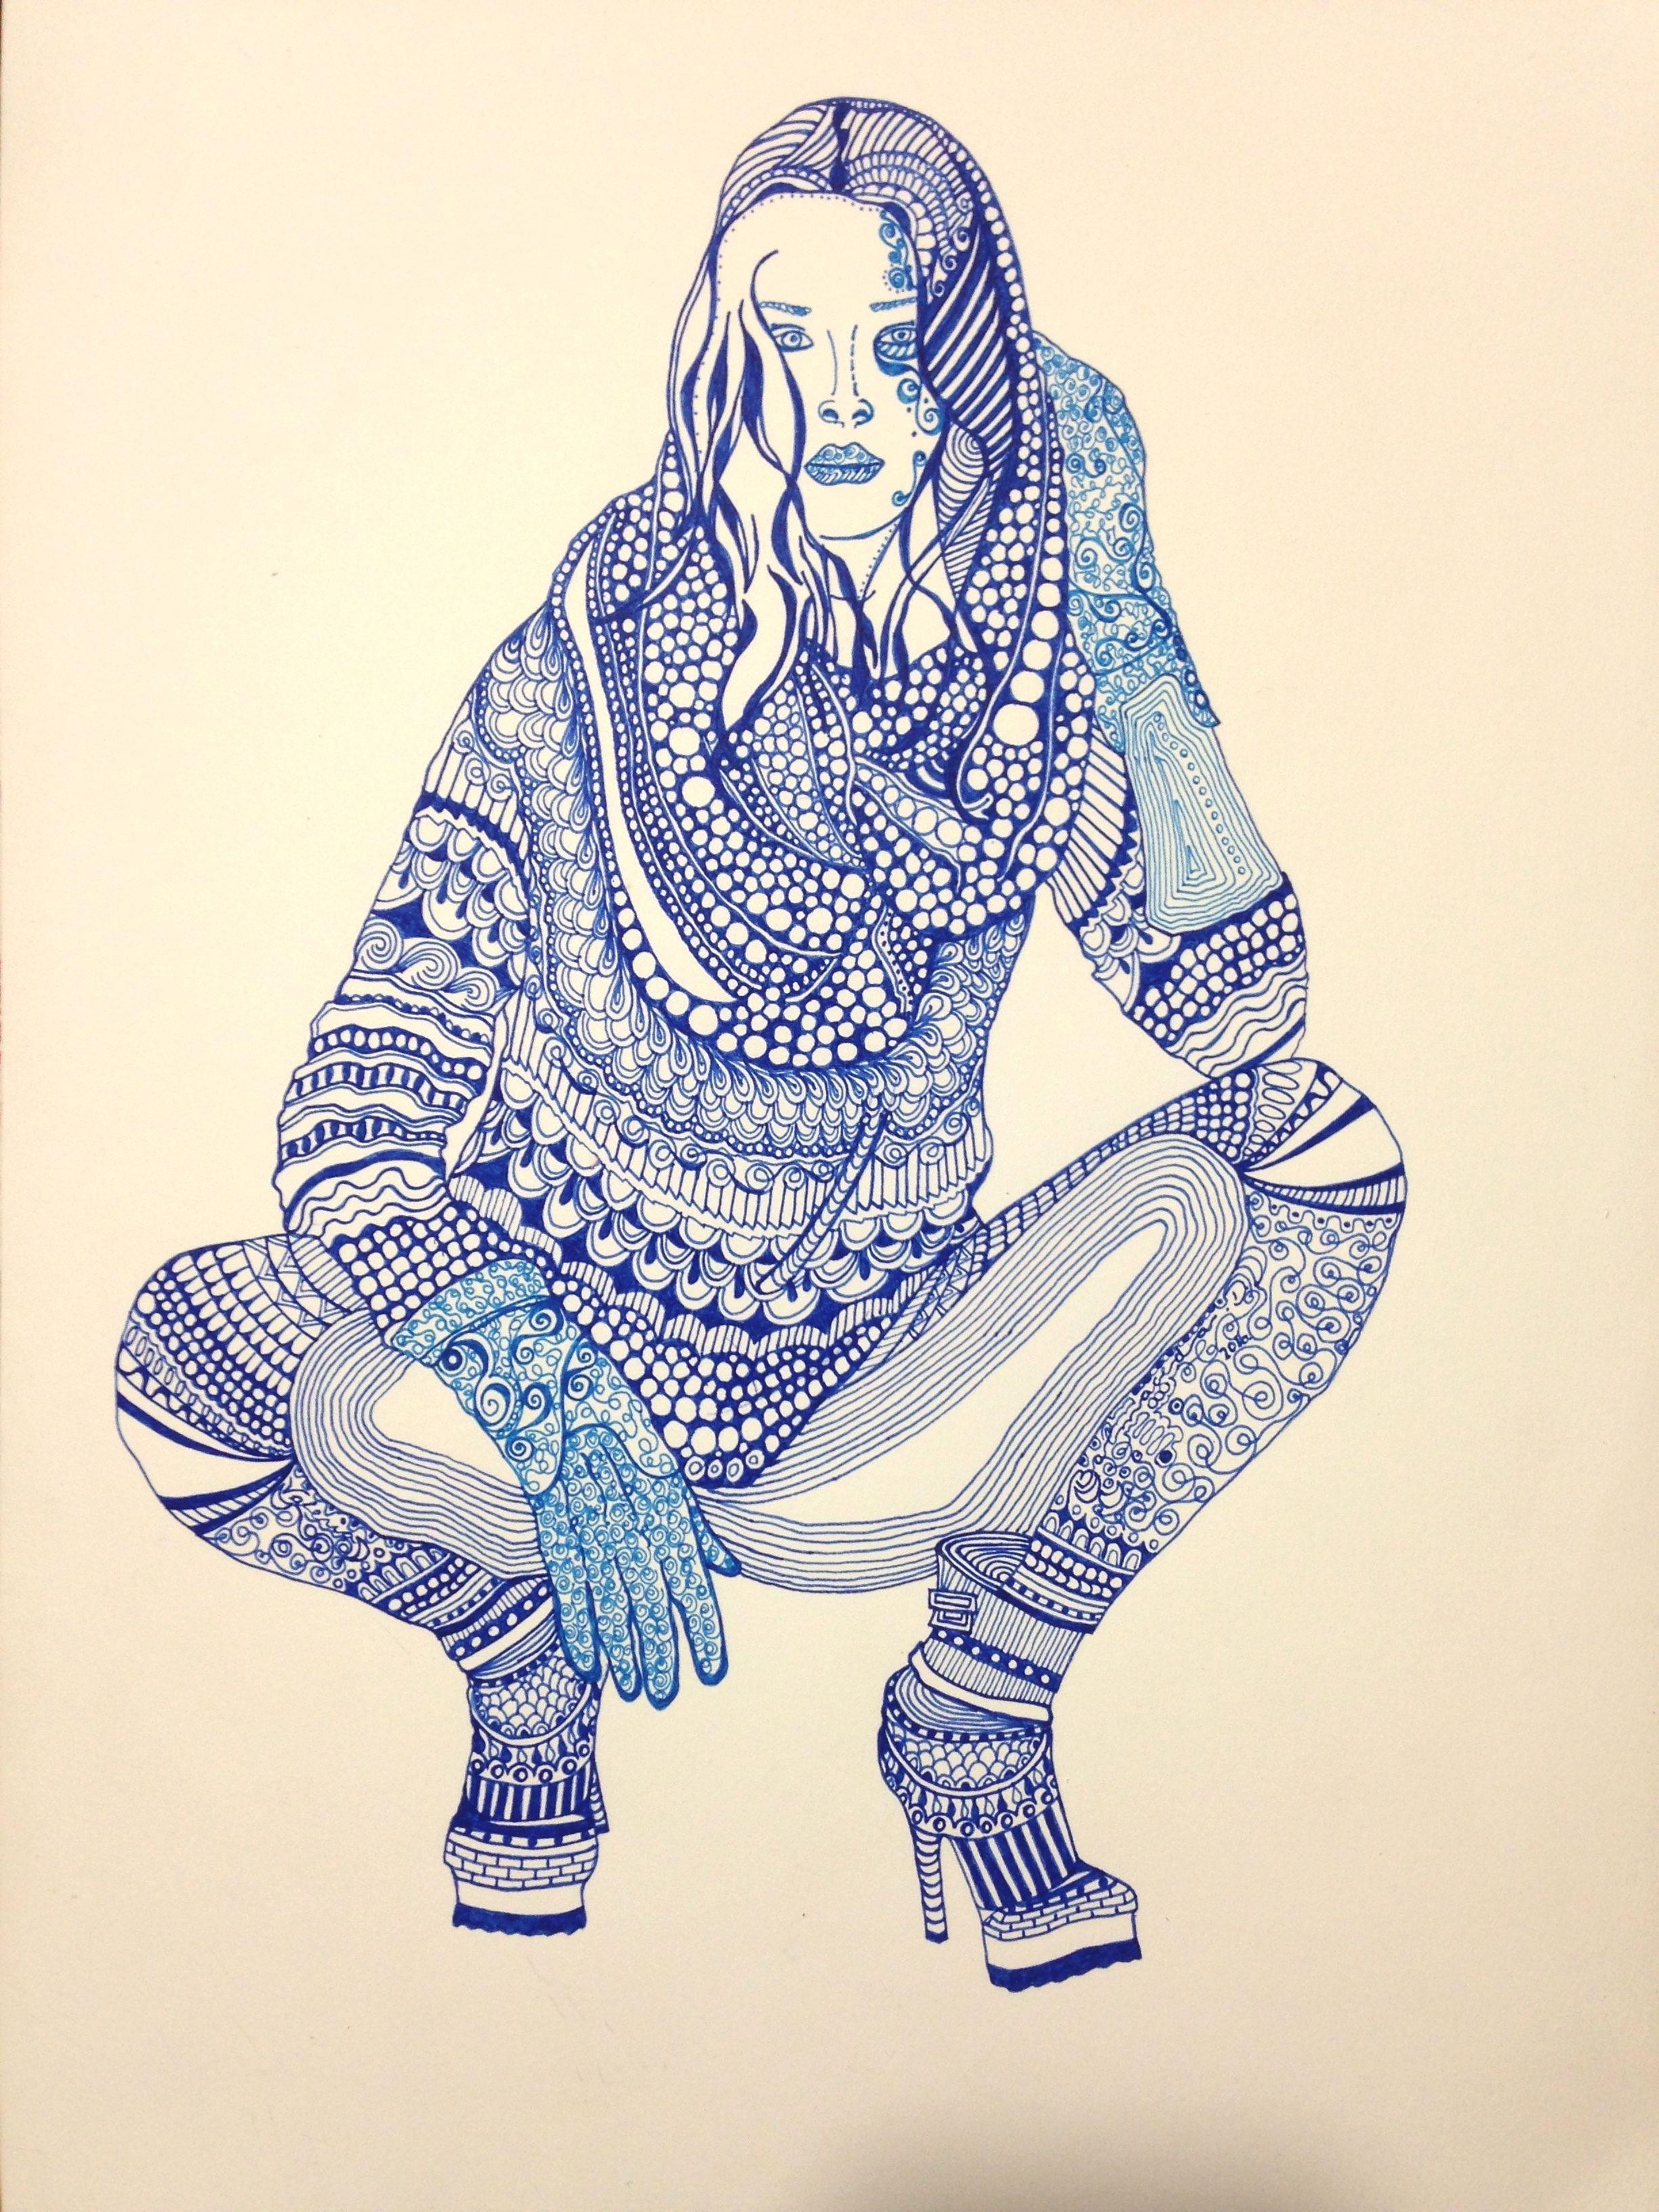 """""""Azul""""1 - """"Dibujos Alternativos"""" Trabajos únicos y originales - Firmados ValBD.- Instagram @valeriabalmacedad_arts"""